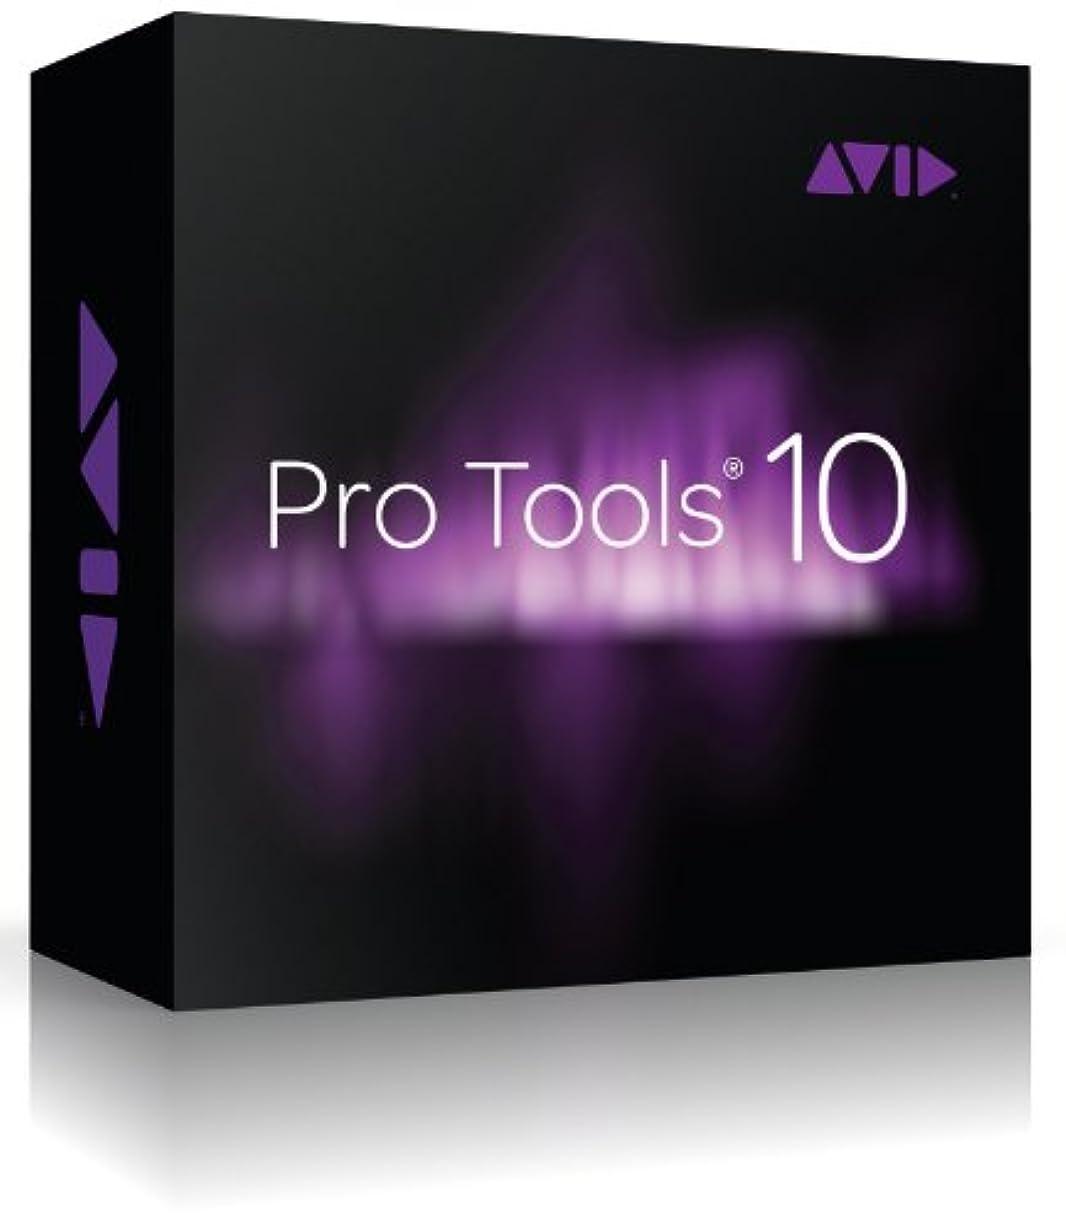 逃れる場合お酢【国内正規品】 AVID ProToolsソフトウェア Pro Tools 10 for Students (DVD-ROM版) EDU (アカデミック版?学生用) PT10FORTEACHERS